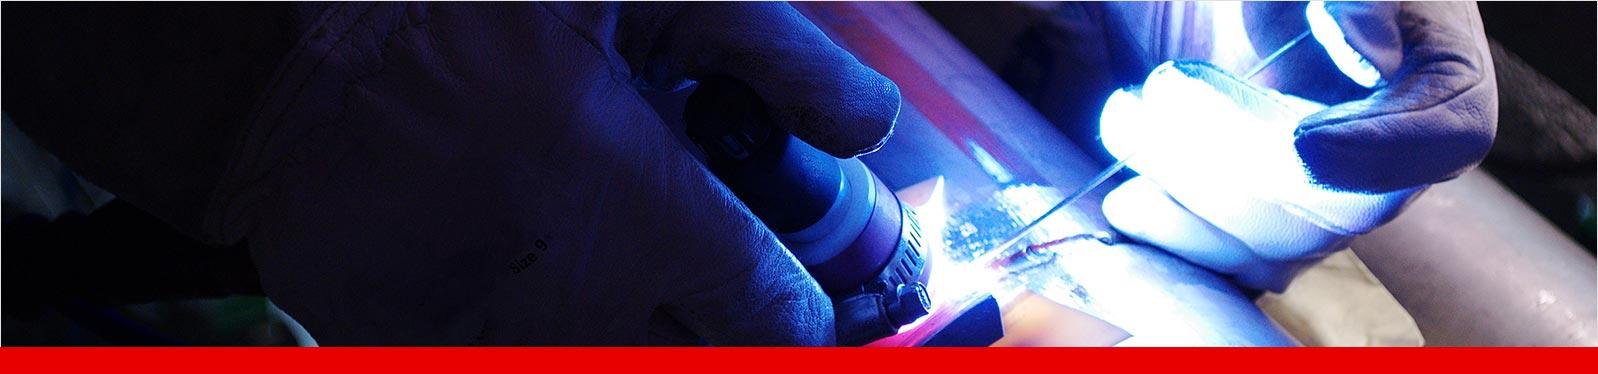 Das WIG-Schweißen ist ein beliebtes Schweißverfahren, mit dem sehr feine Schweißnähte erzeugt werden können.